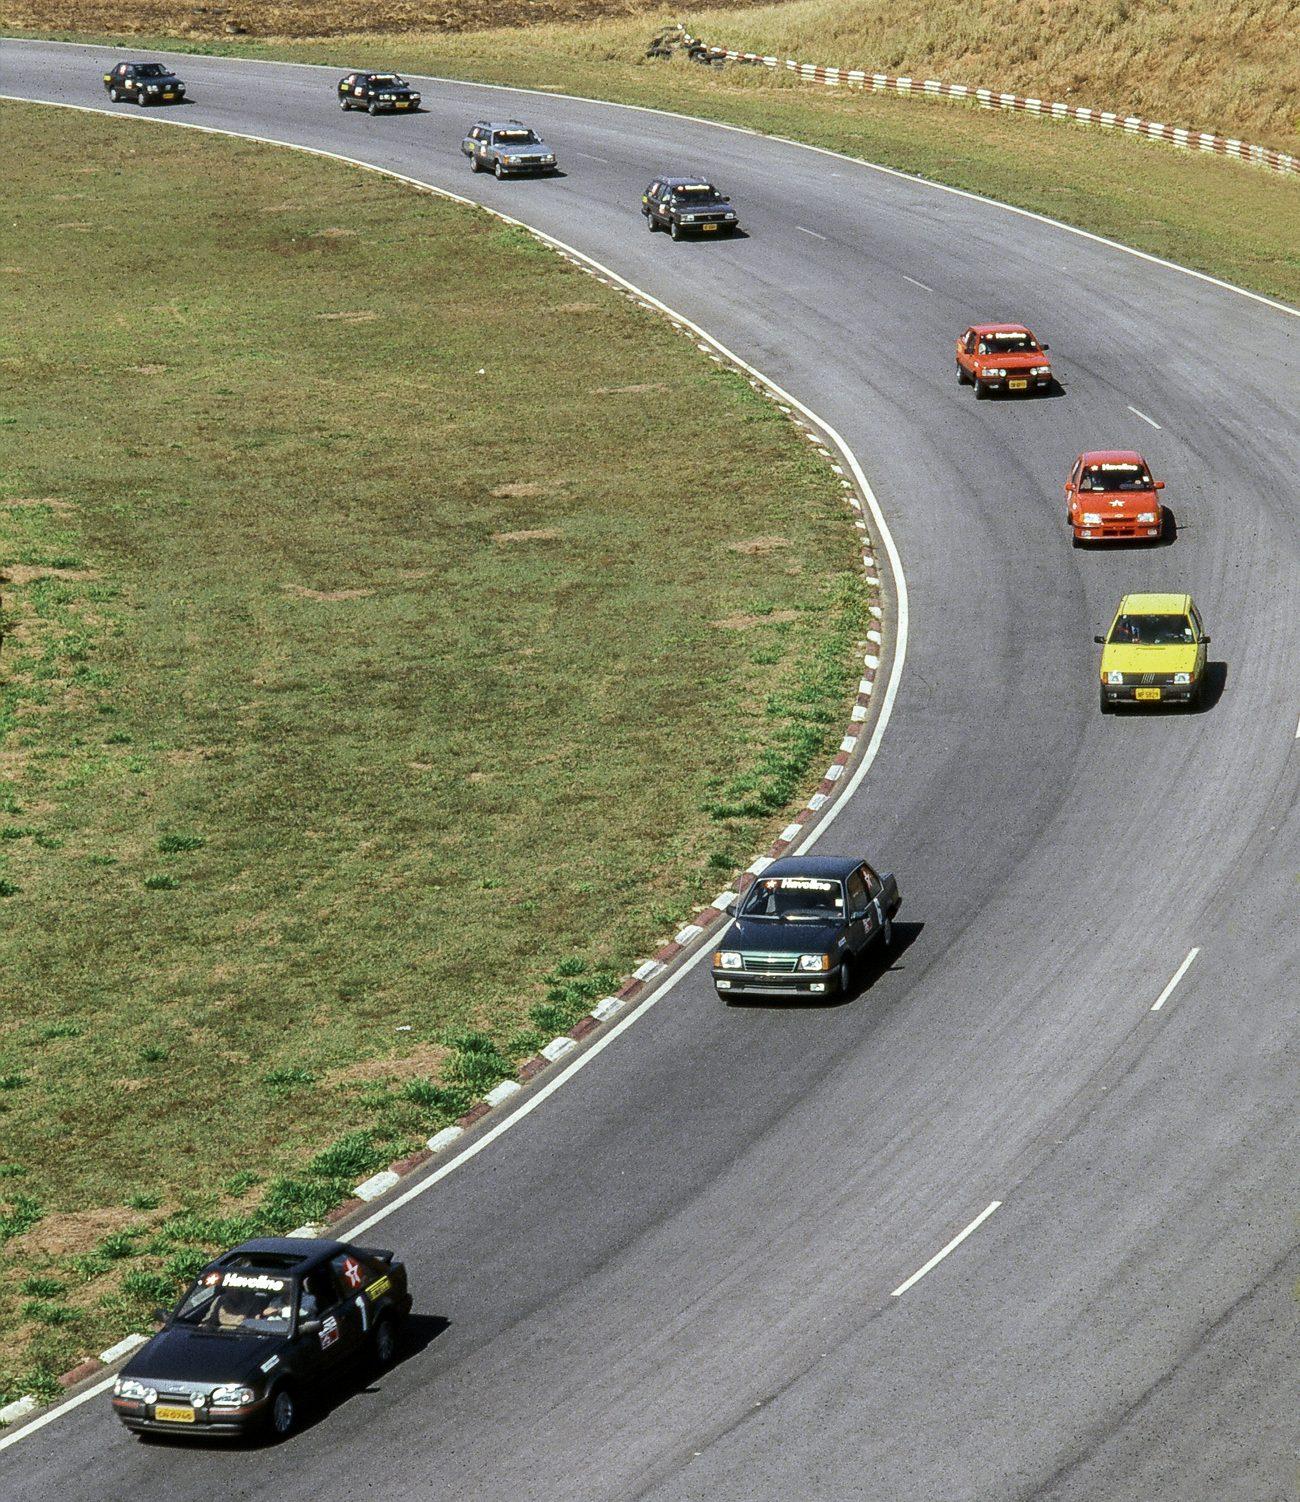 Ao todo, os nove carros rodaram quase 20.000 em Interlagos